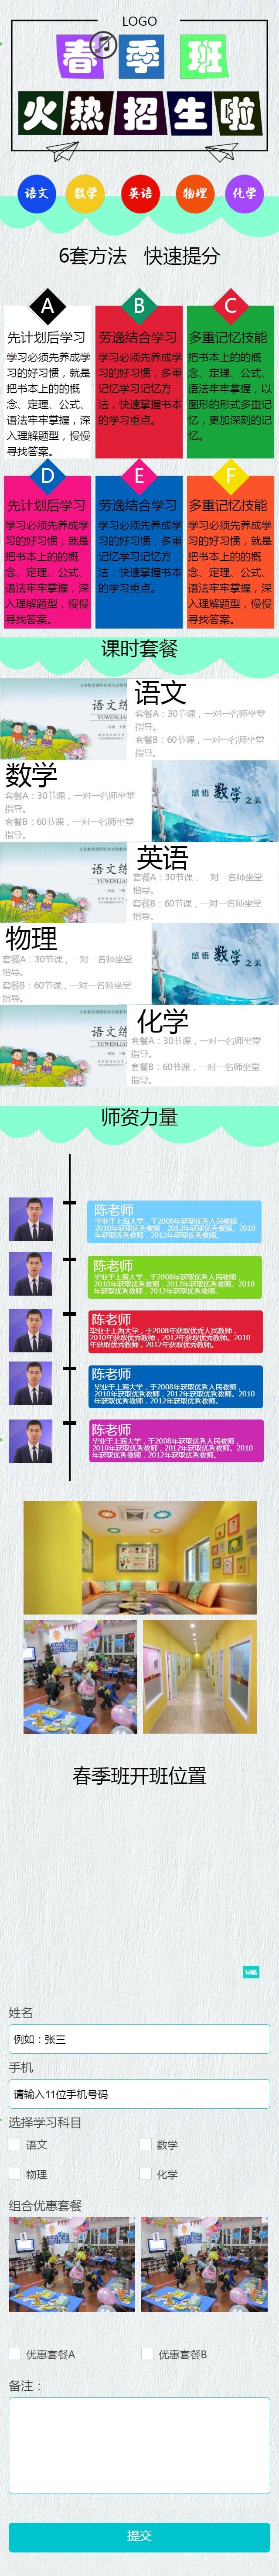 春季小清新小学培训班宣传推广单页